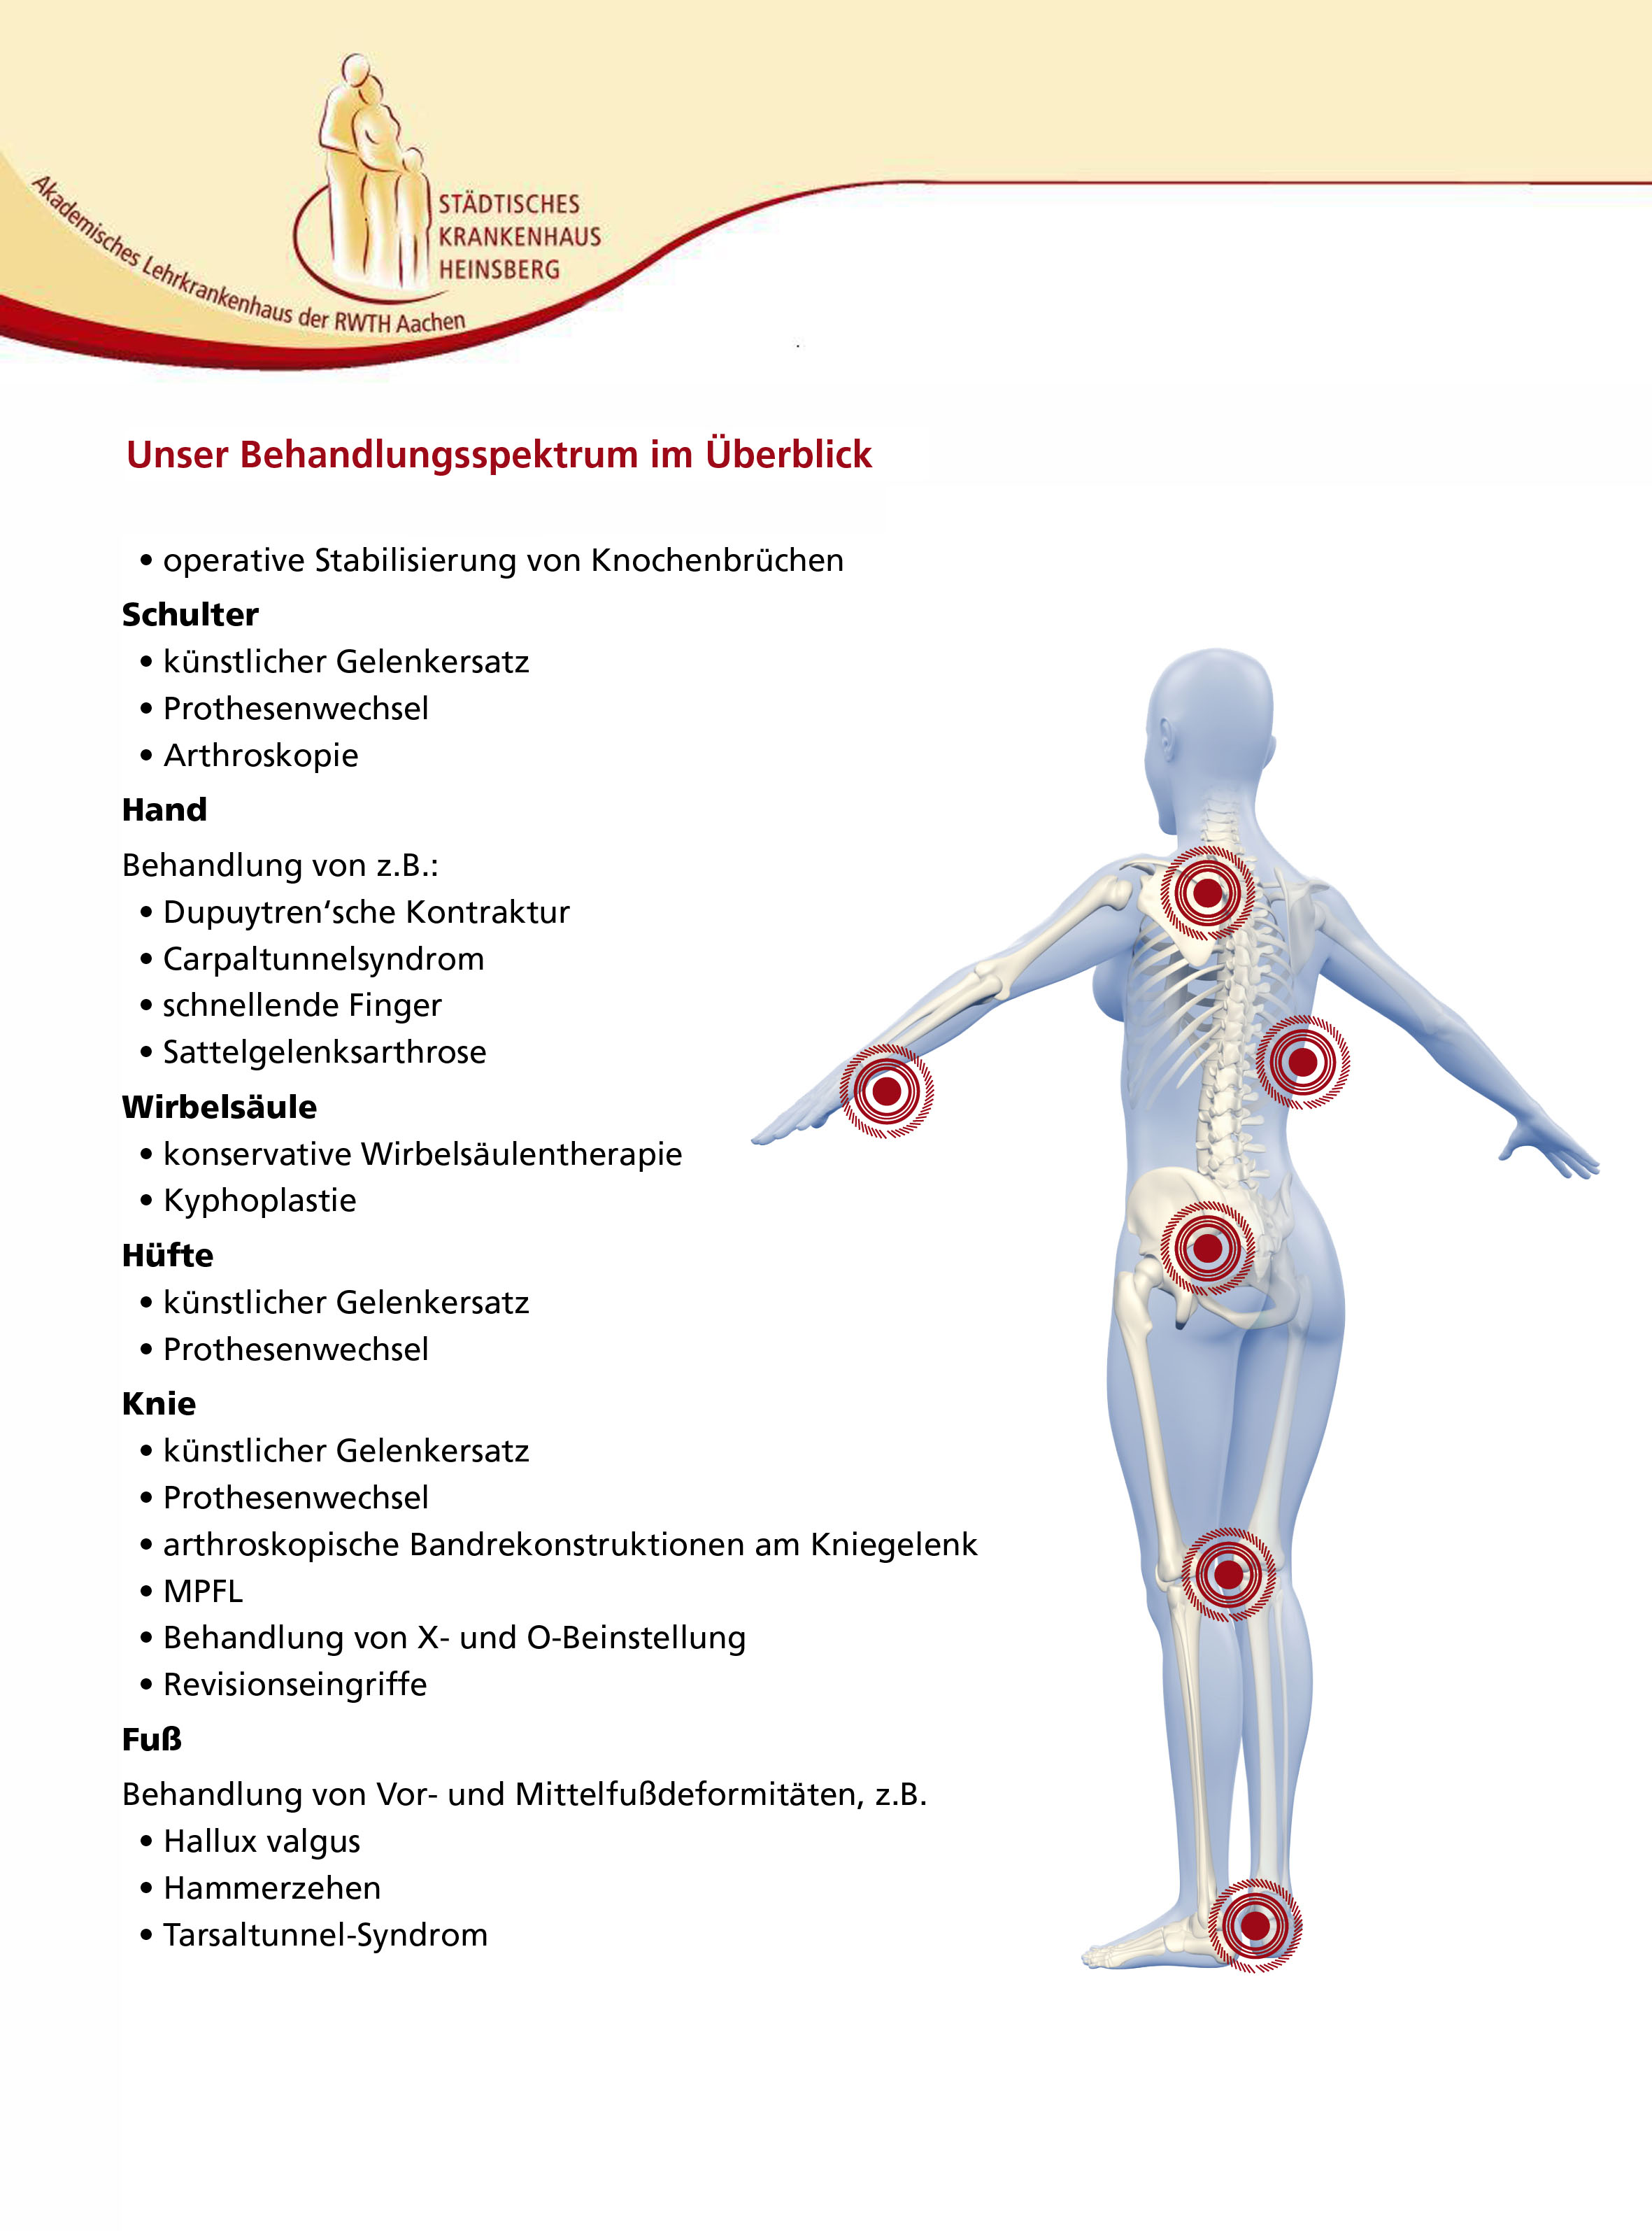 Erfreut Schulter Bänder Anatomie Bilder - Anatomie Von Menschlichen ...